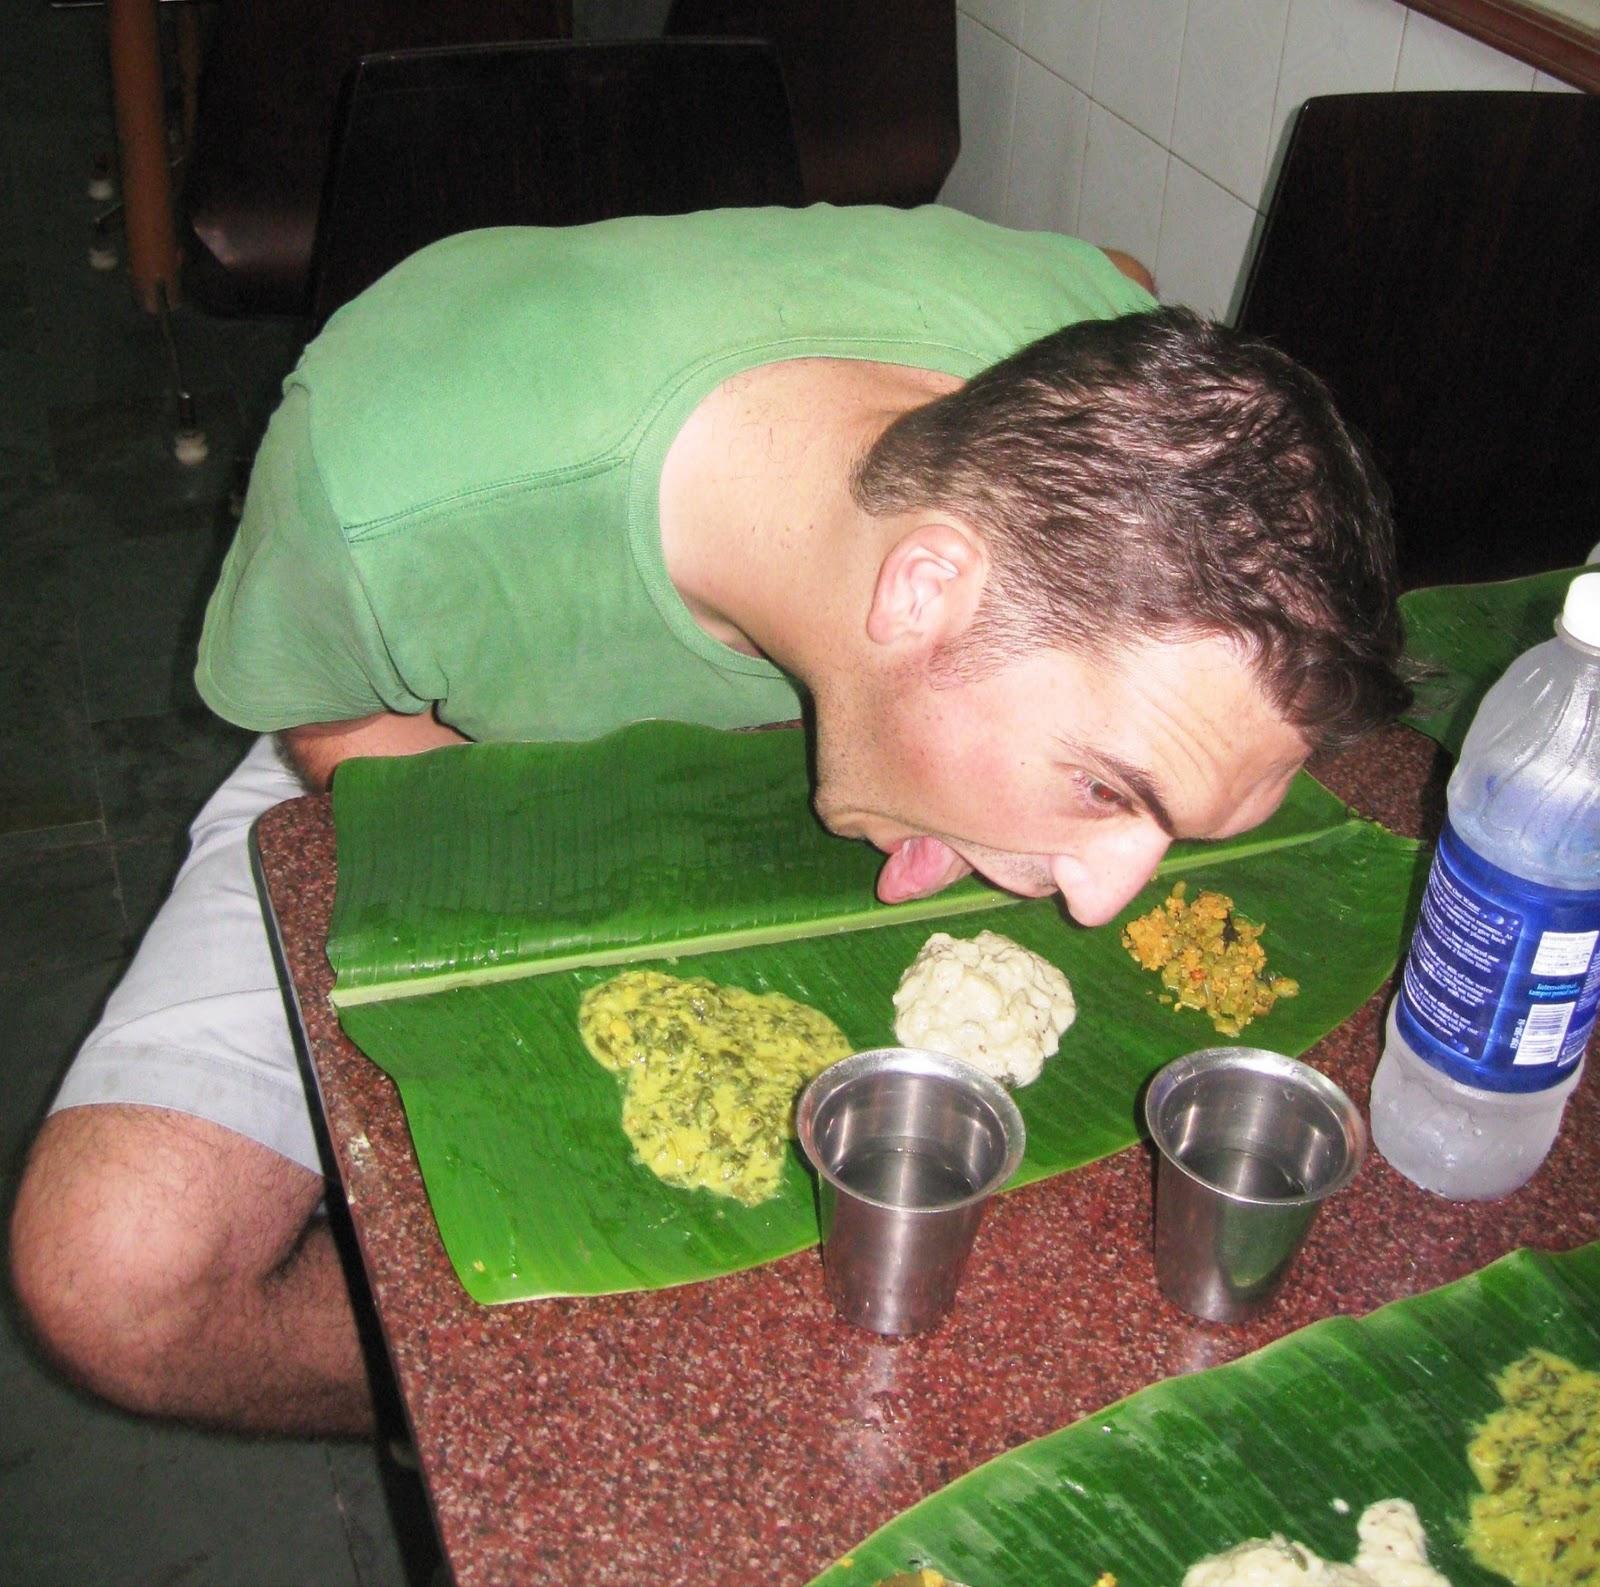 Haciendo el indio en la india septiembre 2010 - Haciendo el indio ...